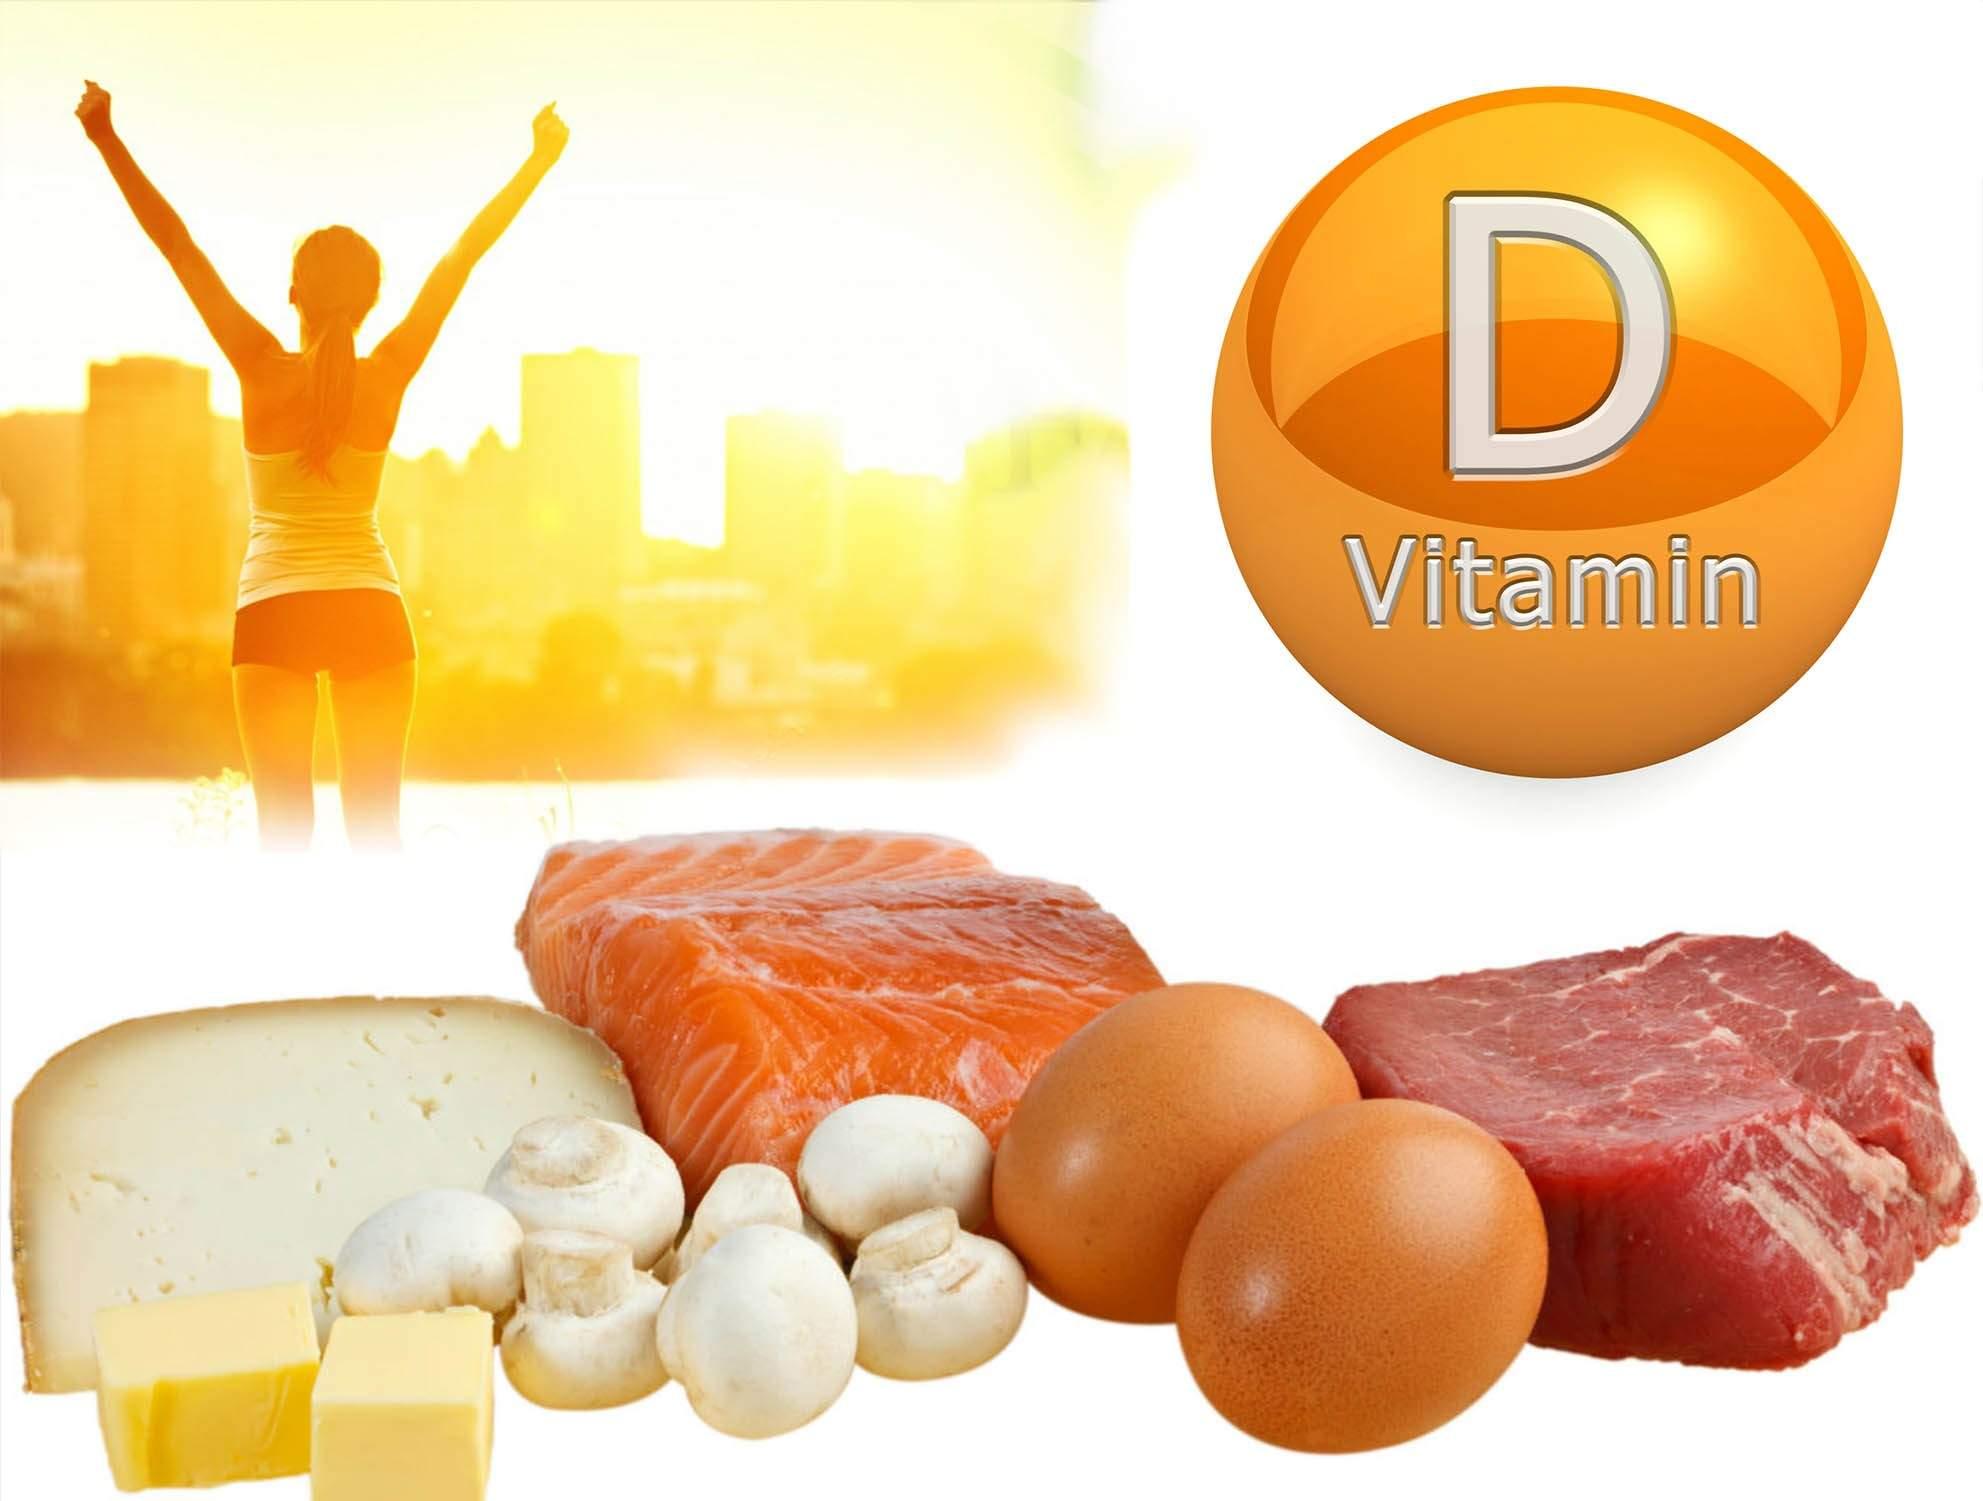 Витамин Д требуется для обеспечения нормального функционирования сердца и сосудов